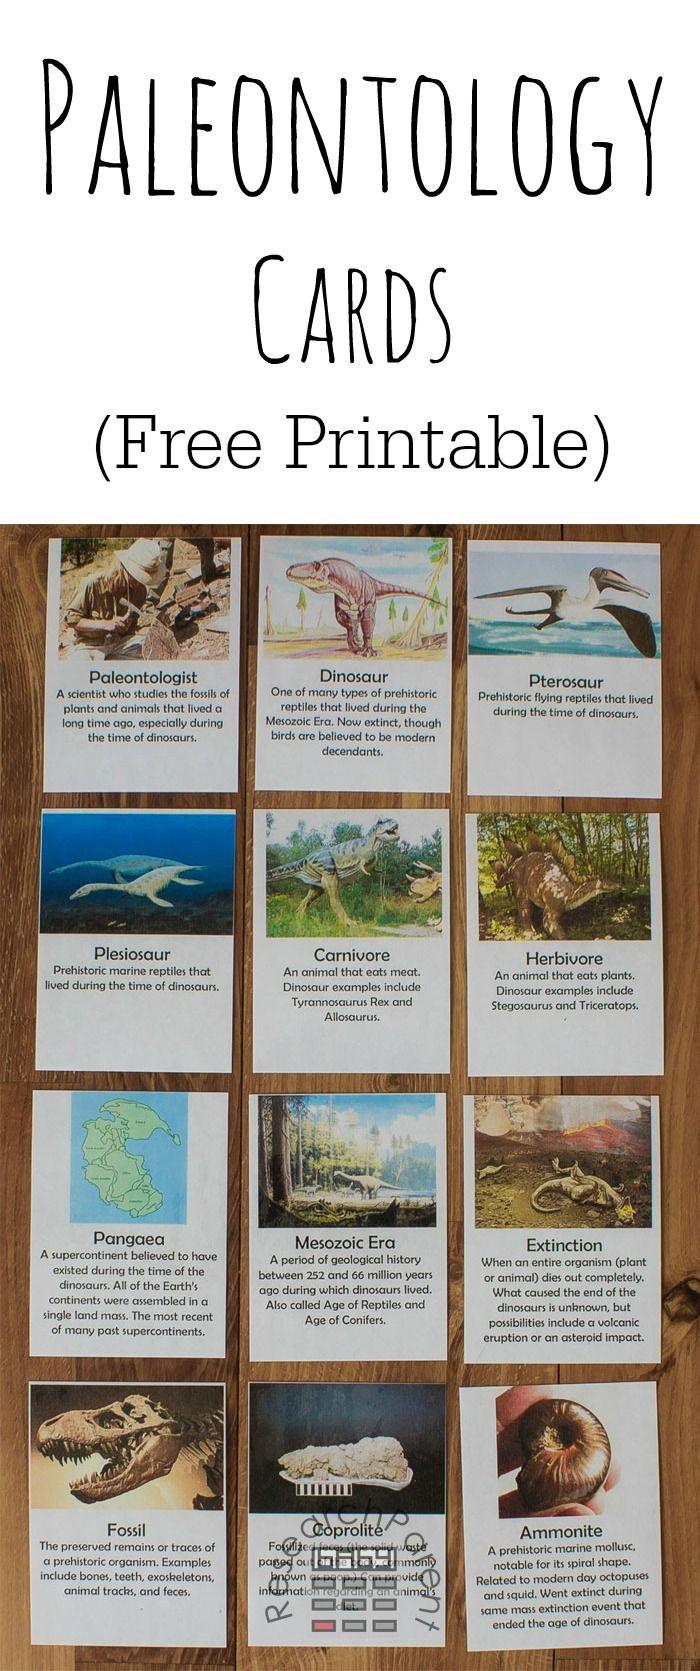 Free Printable Paleontology Cards Paleontology Free Printables Dinosaur Printables [ 1671 x 700 Pixel ]